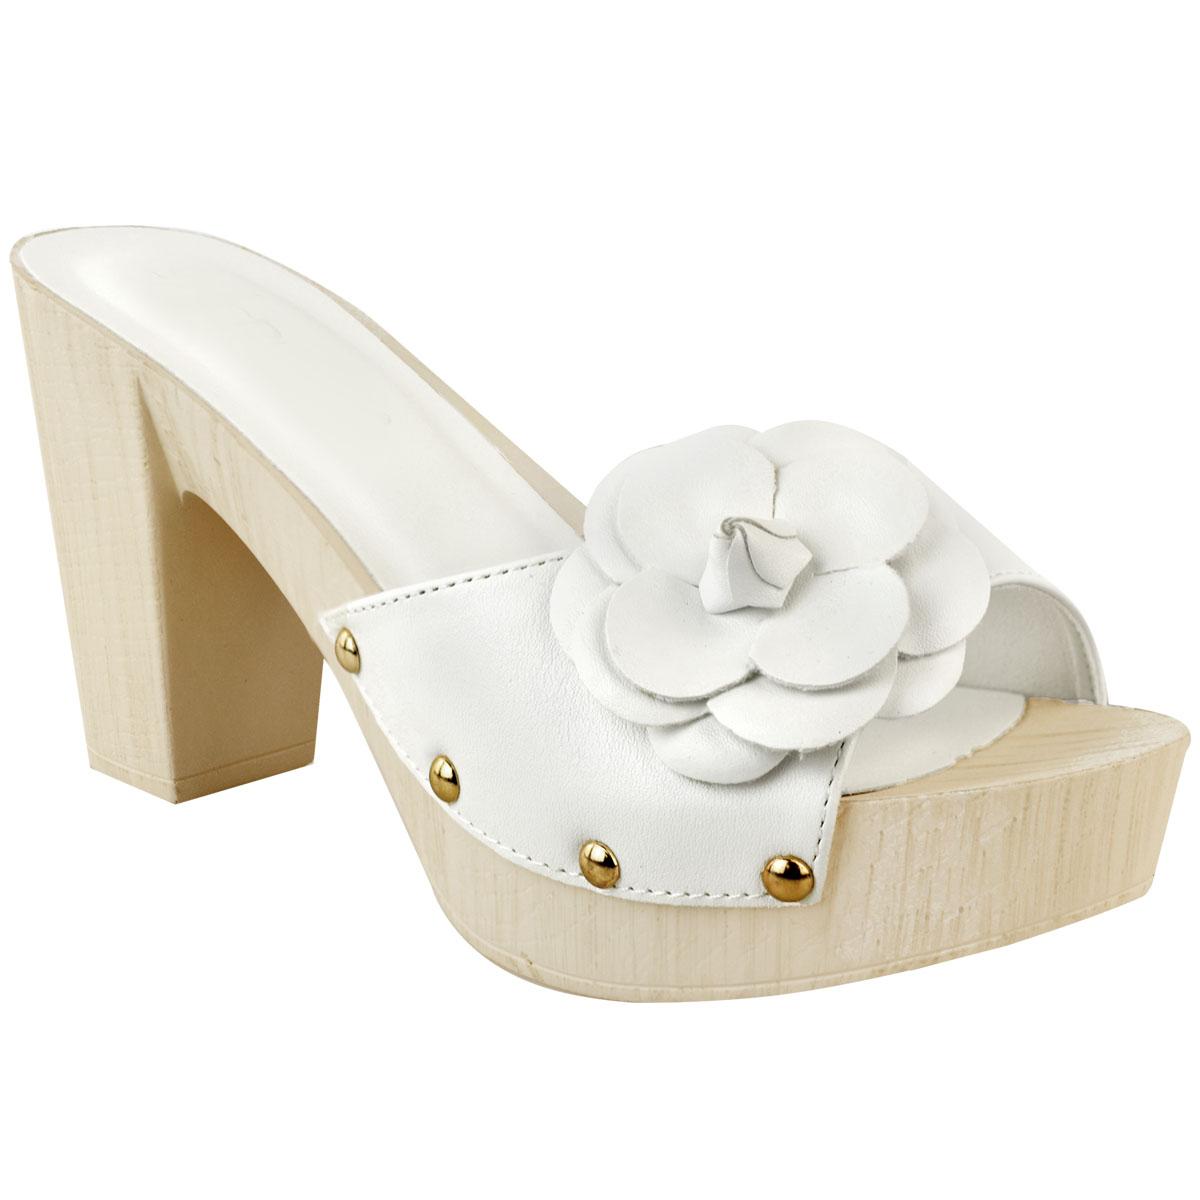 4433de36605 Womens Ladies Clog Wedge Low Heel Sandals Mules Slip On Wood Summer ...